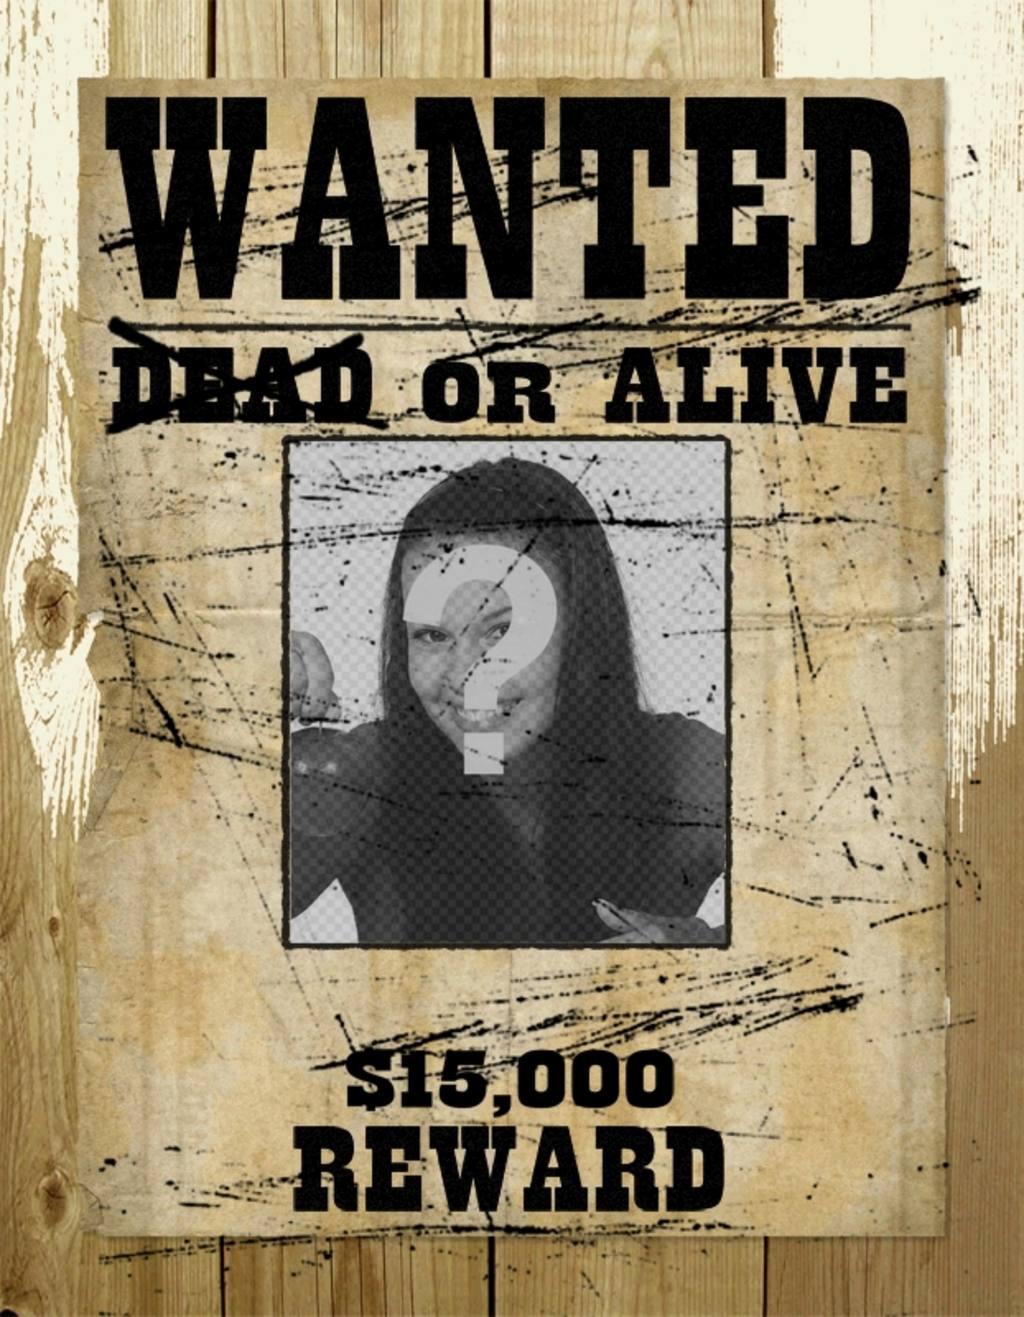 fotomontaje fotografia aparece un marco un cartel busca vivo o muerto ofrecen recompensa